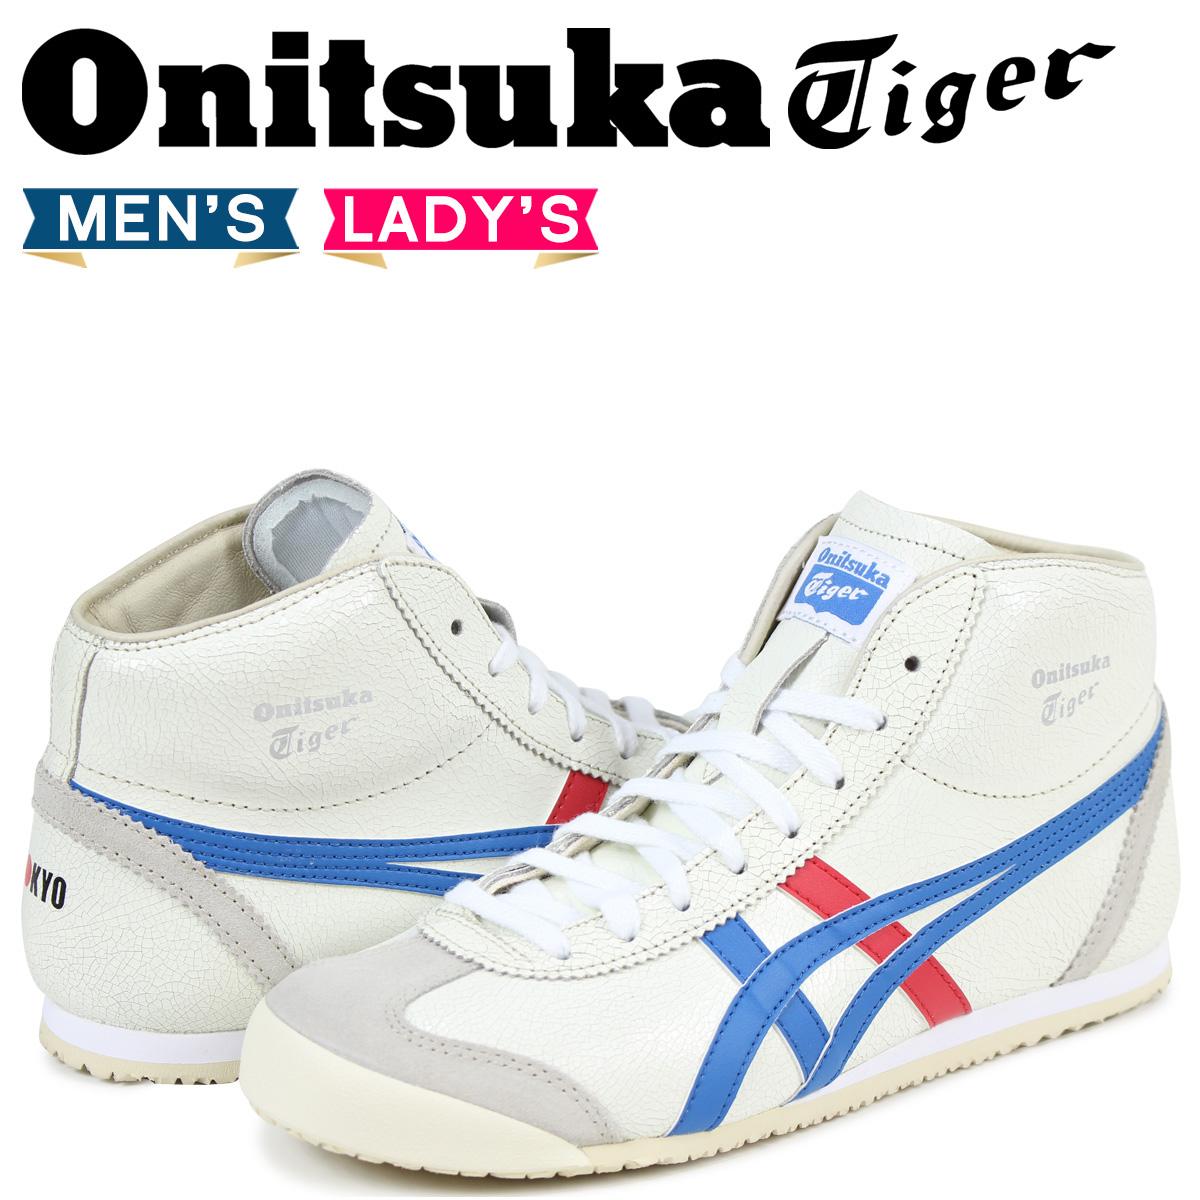 オニツカタイガー Onitsuka Tiger メキシコ スニーカー ミッド ランナー MEXICO MID RUNNER メンズ DL328-0142 THL328-0142 ホワイト [4/23 再入荷]